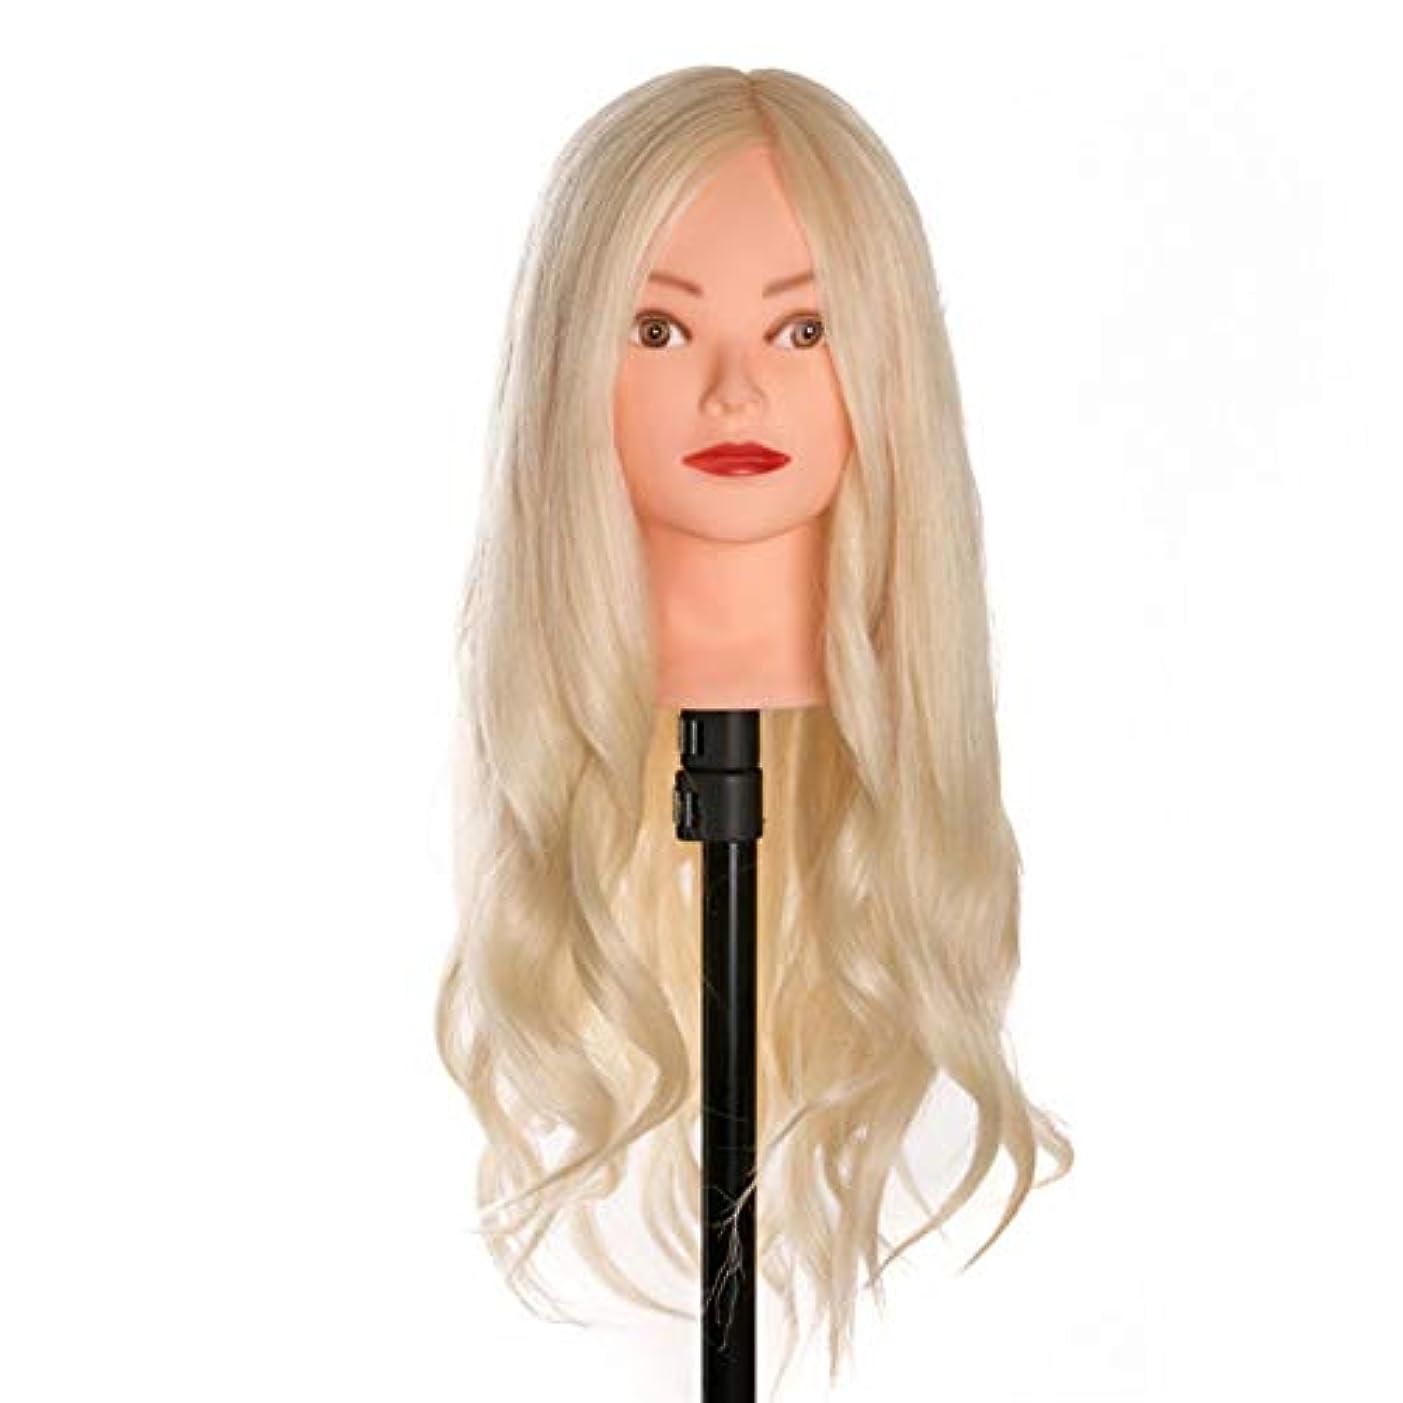 八ホース重なるヘアカットトレーニングかつらメイクディスクヘアスタイリング編組ティーチングダミーヘッド理髪サロンエクササイズヘッド金型3個